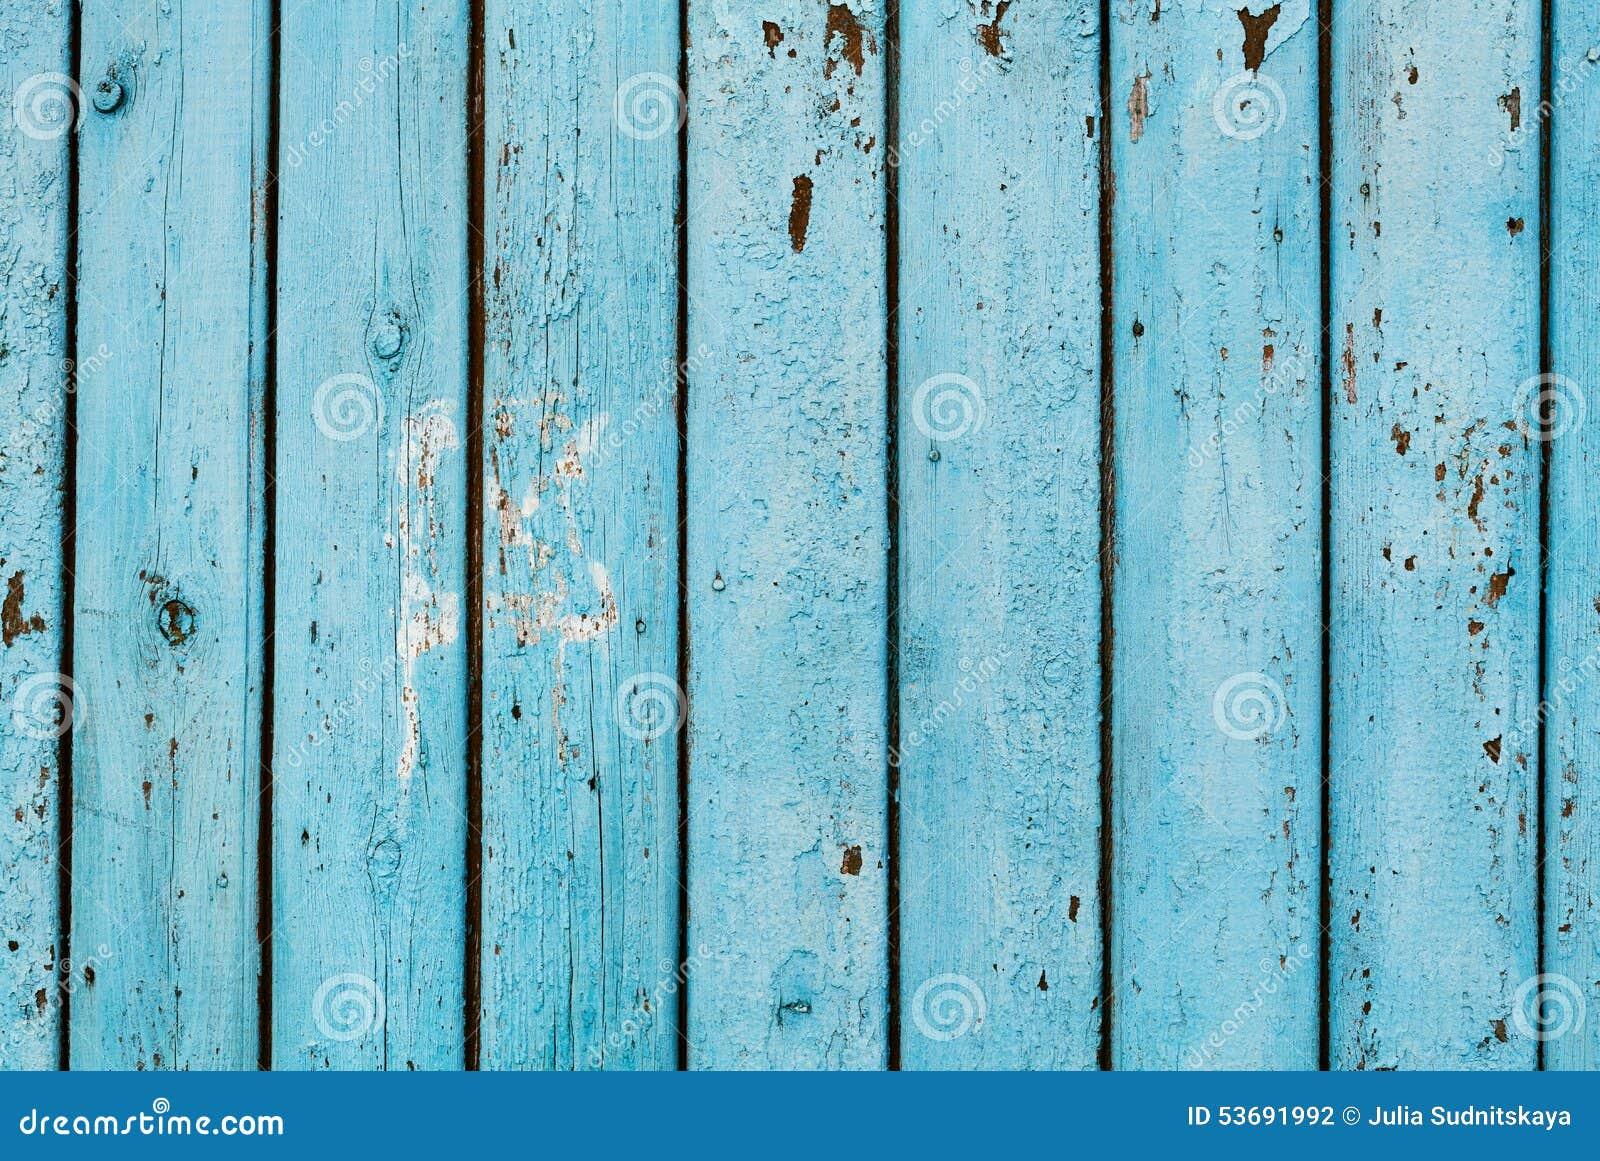 Fondos De Pantalla Fondo De Tablero De Madera De Colores: Fondo De Madera Del Tablero Azul Del Vintage Foto De